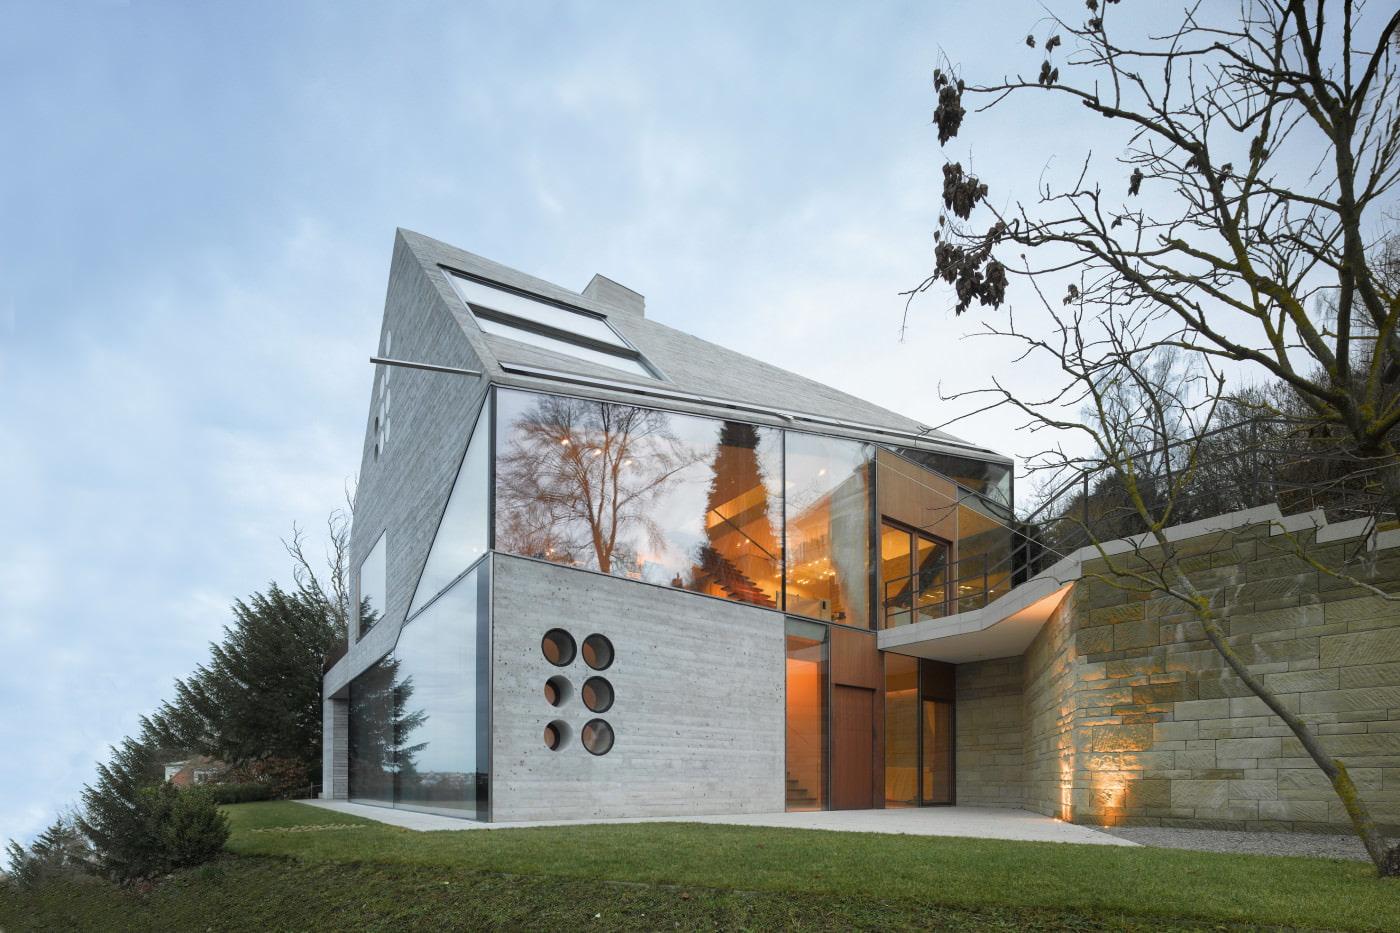 maison insolite avec fenêtres panoramiques